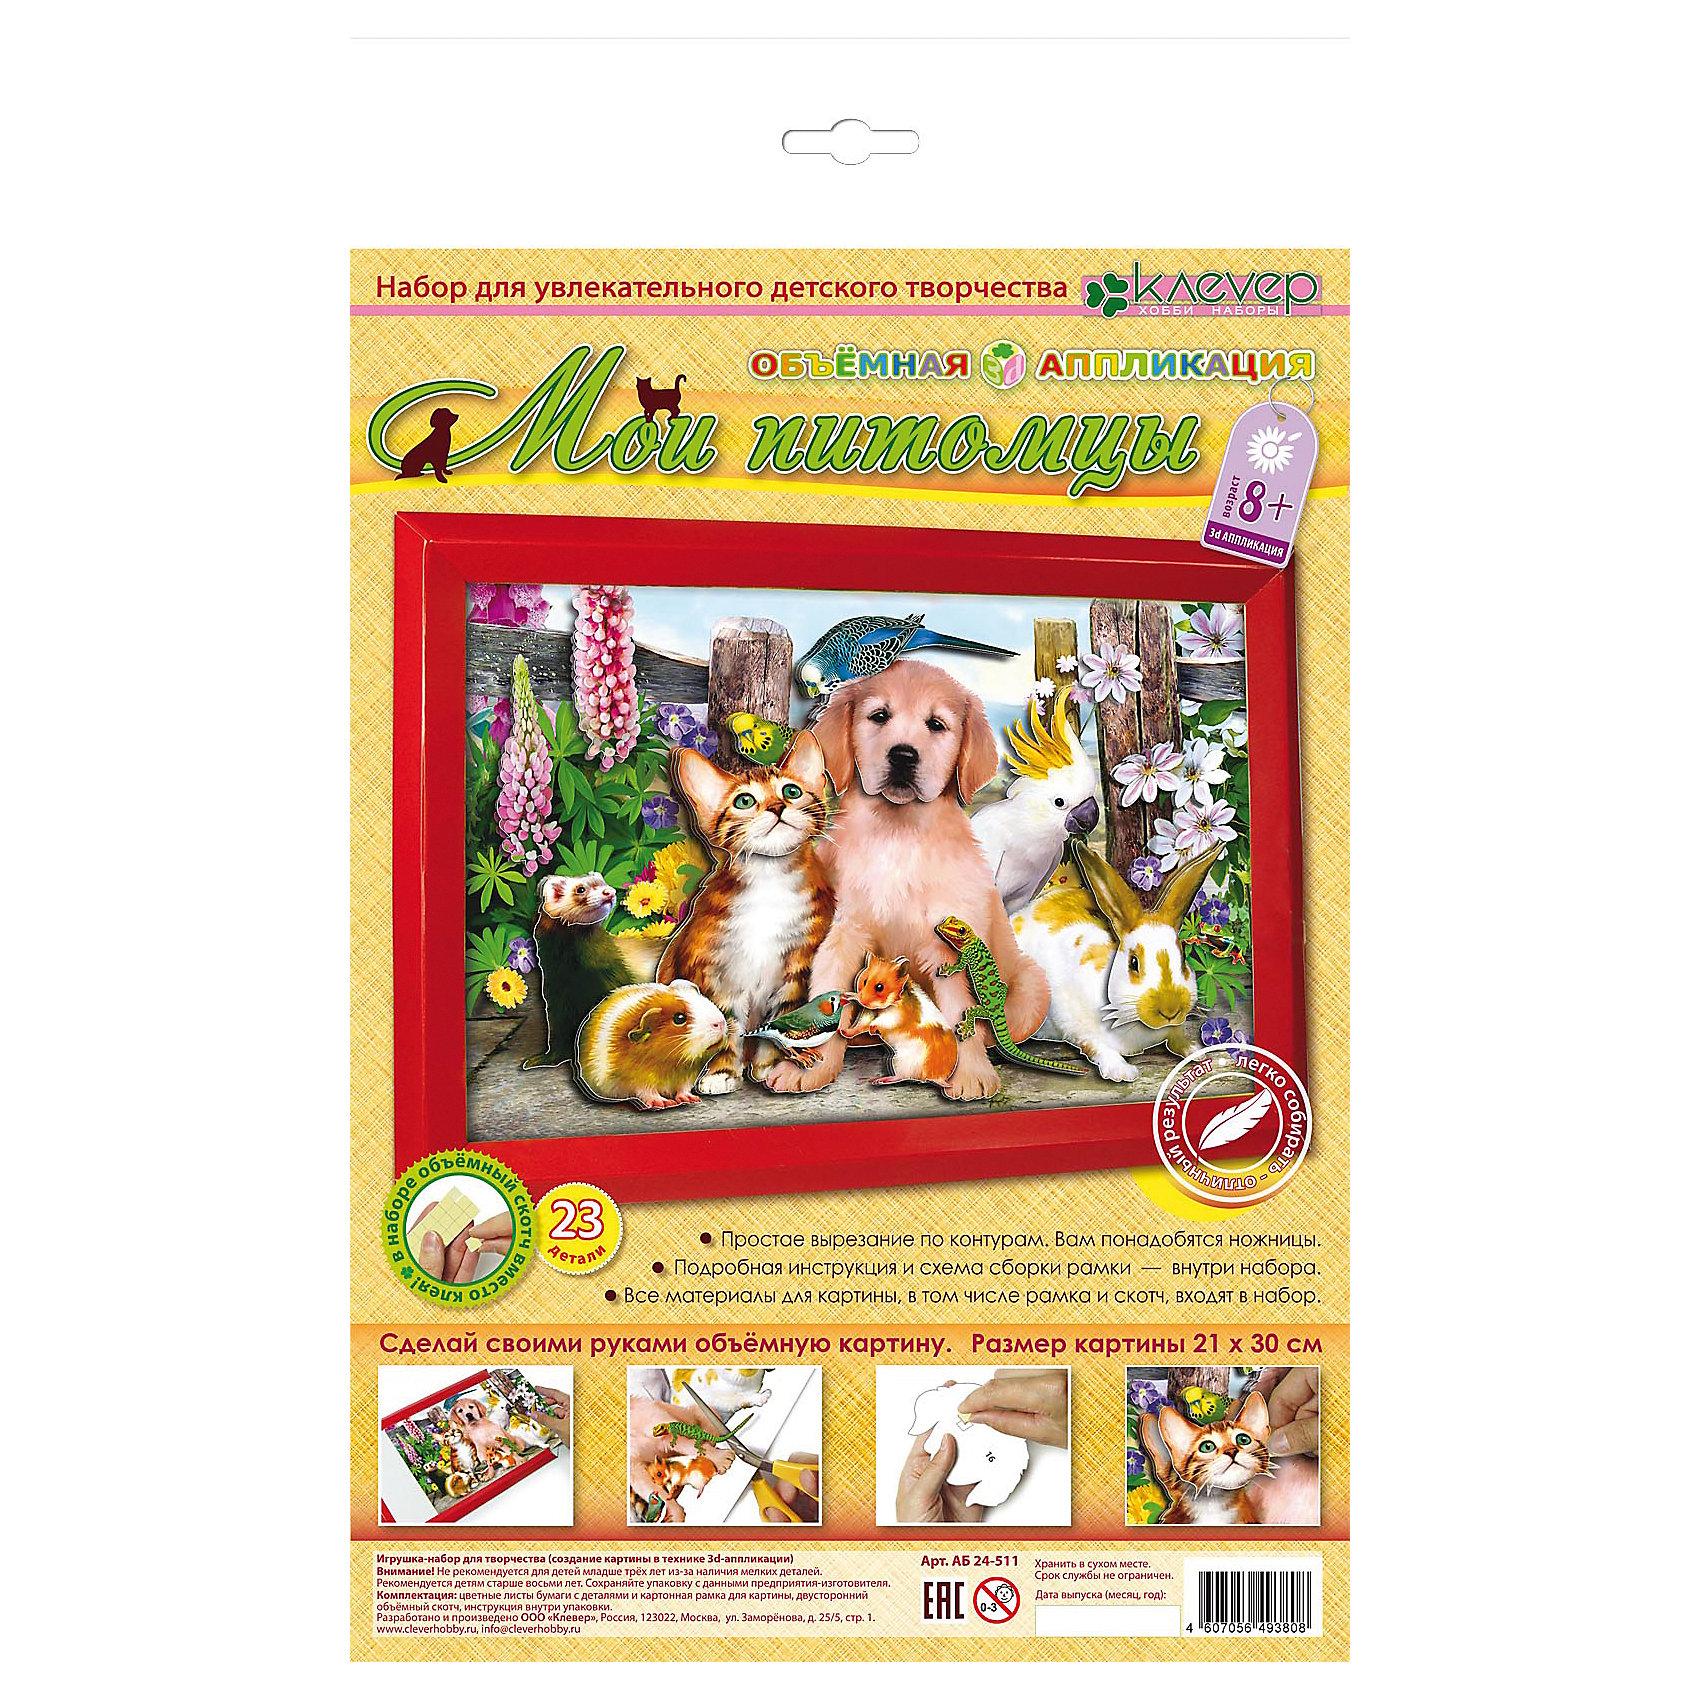 Набор для изготовления картины Мои питомцыРукоделие<br>Характеристики:<br><br>• Коллекция: объемная аппликация<br>• Тематика картины: животные<br>• Уровень сложности: средний<br>• Материал: картон, бумага, скотч, пряжа, игла, бисер<br>• Комплектация: набор цветной бумаги с контурами элементов, картонная основа, рамка, скотч, инструкция<br>• Форма картины: 3d<br>• Размеры готовой картины (Ш*В): 21*30 см<br>• Размеры (Д*Ш*В): 22*34*5 см<br>• Вес: 80 г <br>• Упаковка: картонная коробка<br><br>Уникальность данных наборов заключается в том, что они состоят из материалов разных фактур. Благодаря использованию двухстороннего скотча, рабочее место и одежда ребенка не будет испачкана, а поделка будет выглядеть объемной и аккуратной.<br><br>Набор для изготовления картины Мои питомцы – состоит из всех необходимых материалов для создания объемной аппликации. На картинке изображены домашние любимцы: щенок, котенок, морская свинка, попугайчик, ящерка, кролик и др. Для оформления картины в наборе предусмотрена рамка.<br><br>Набор для изготовления картины Мои питомцы можно купить в нашем интернет-магазине.<br><br>Ширина мм: 220<br>Глубина мм: 340<br>Высота мм: 50<br>Вес г: 80<br>Возраст от месяцев: 96<br>Возраст до месяцев: 144<br>Пол: Унисекс<br>Возраст: Детский<br>SKU: 5541470